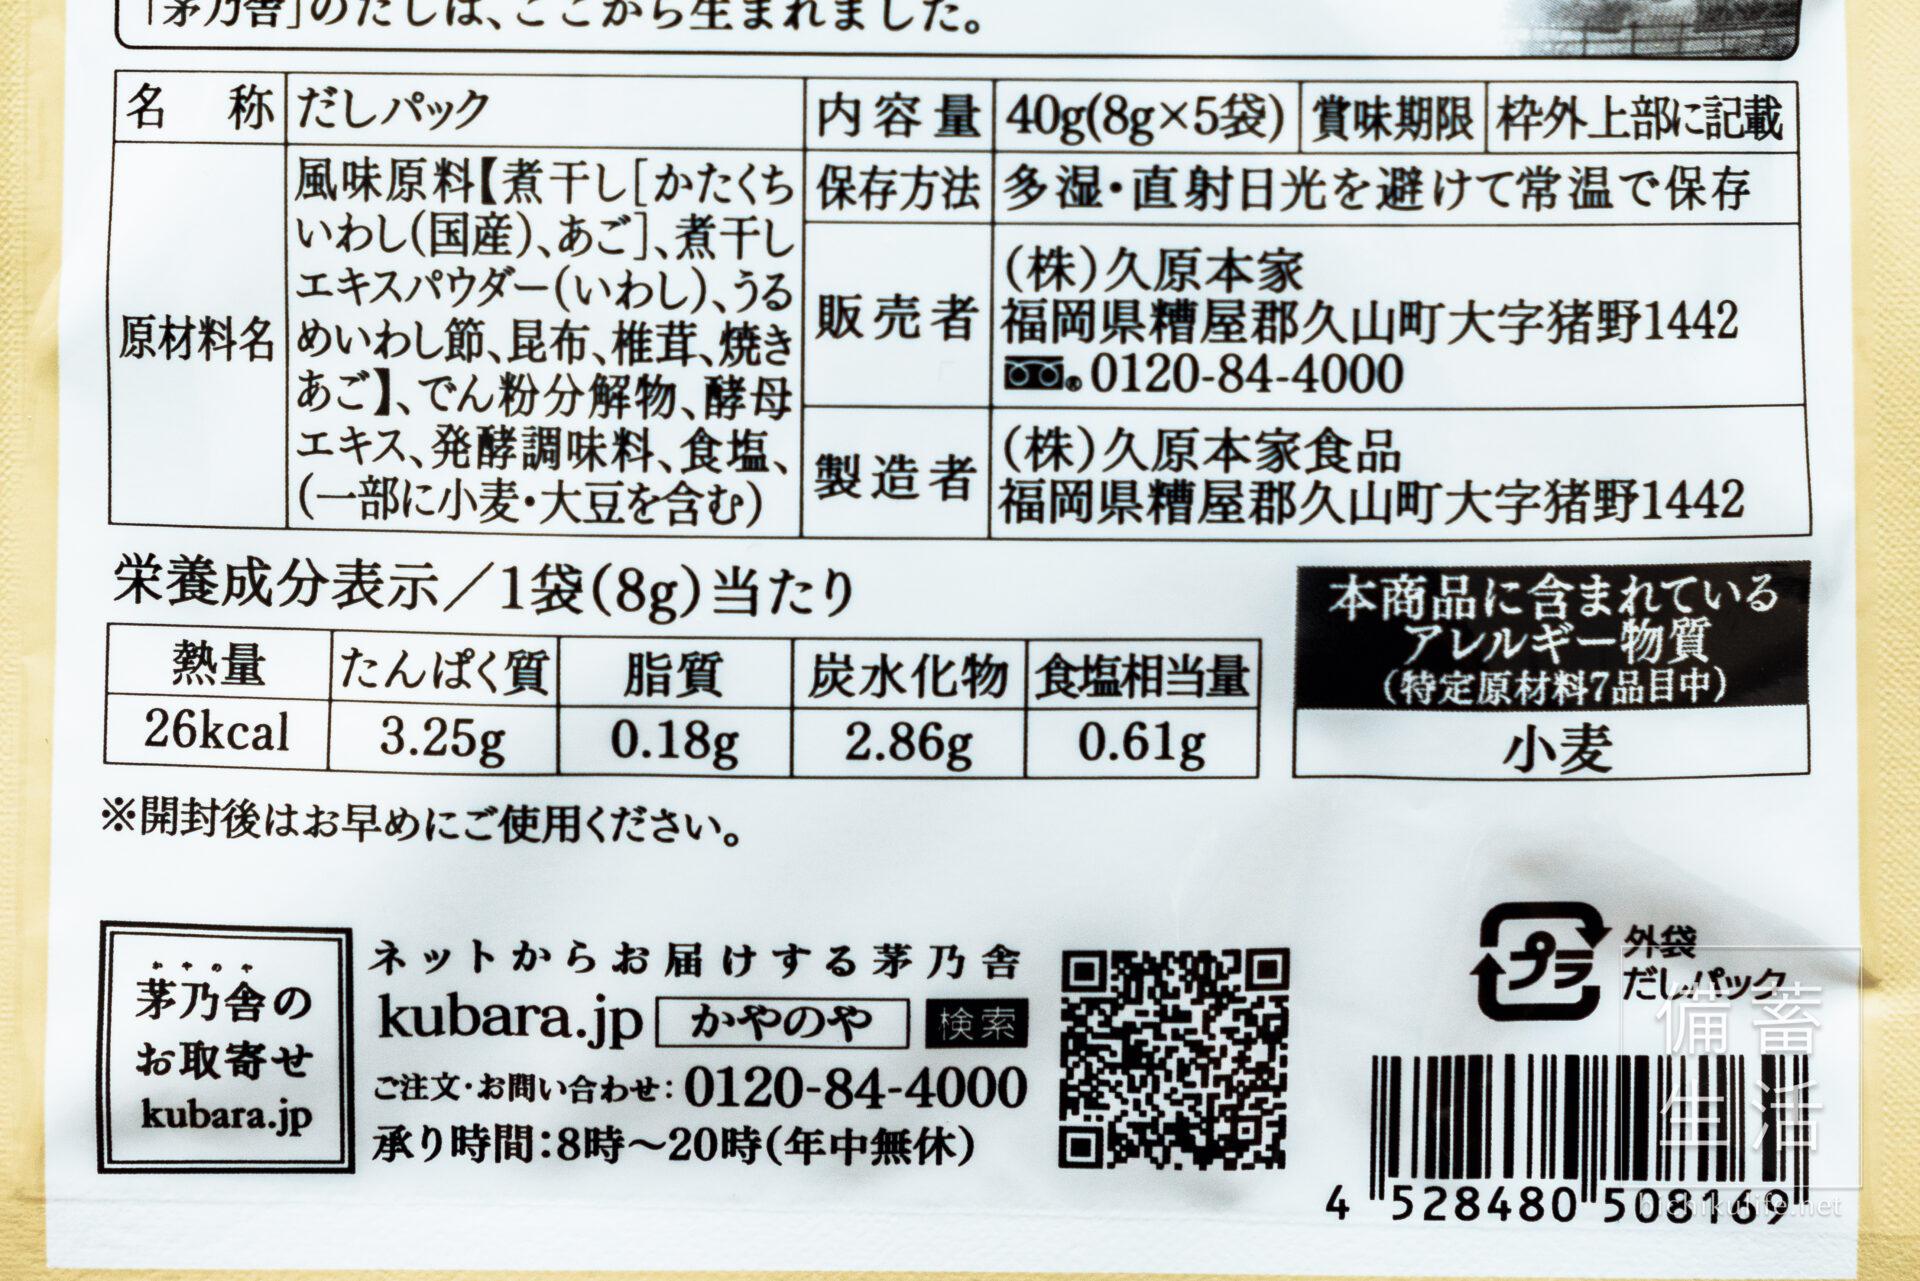 茅乃舎の煮干しだしの商品概要・栄養成分表示